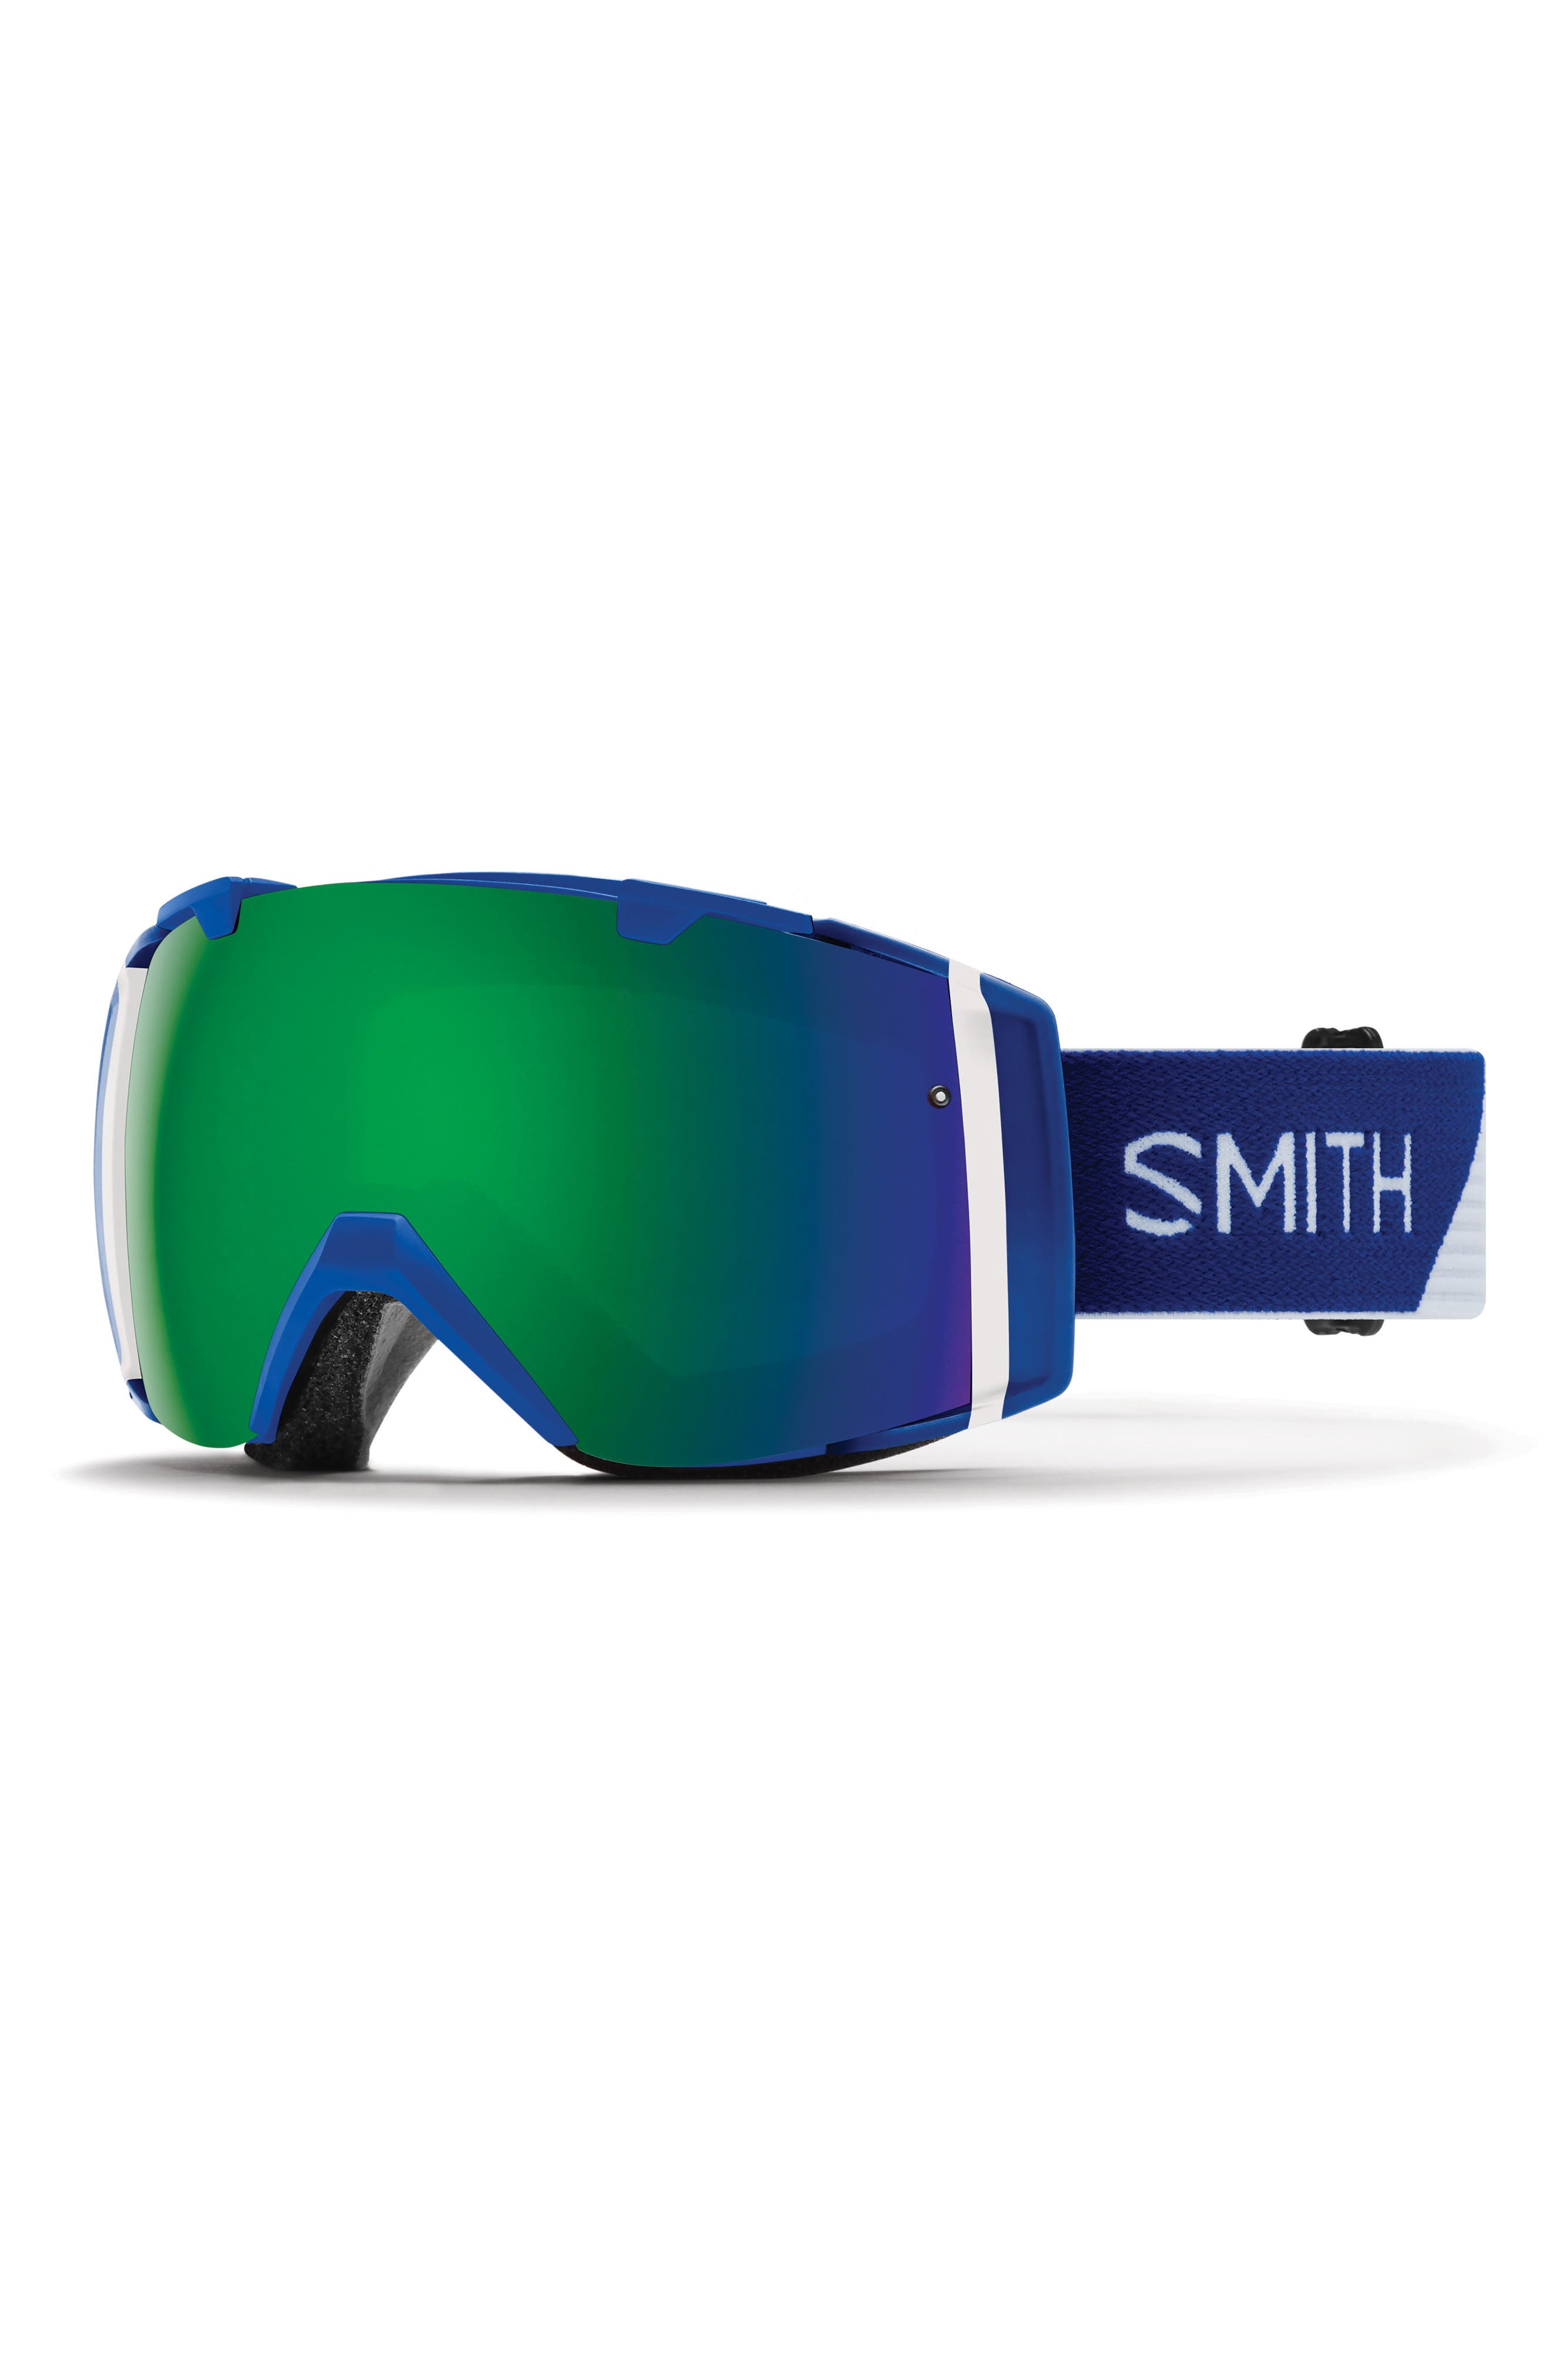 Smith I/OX 205mm Chromapop Snow Goggles